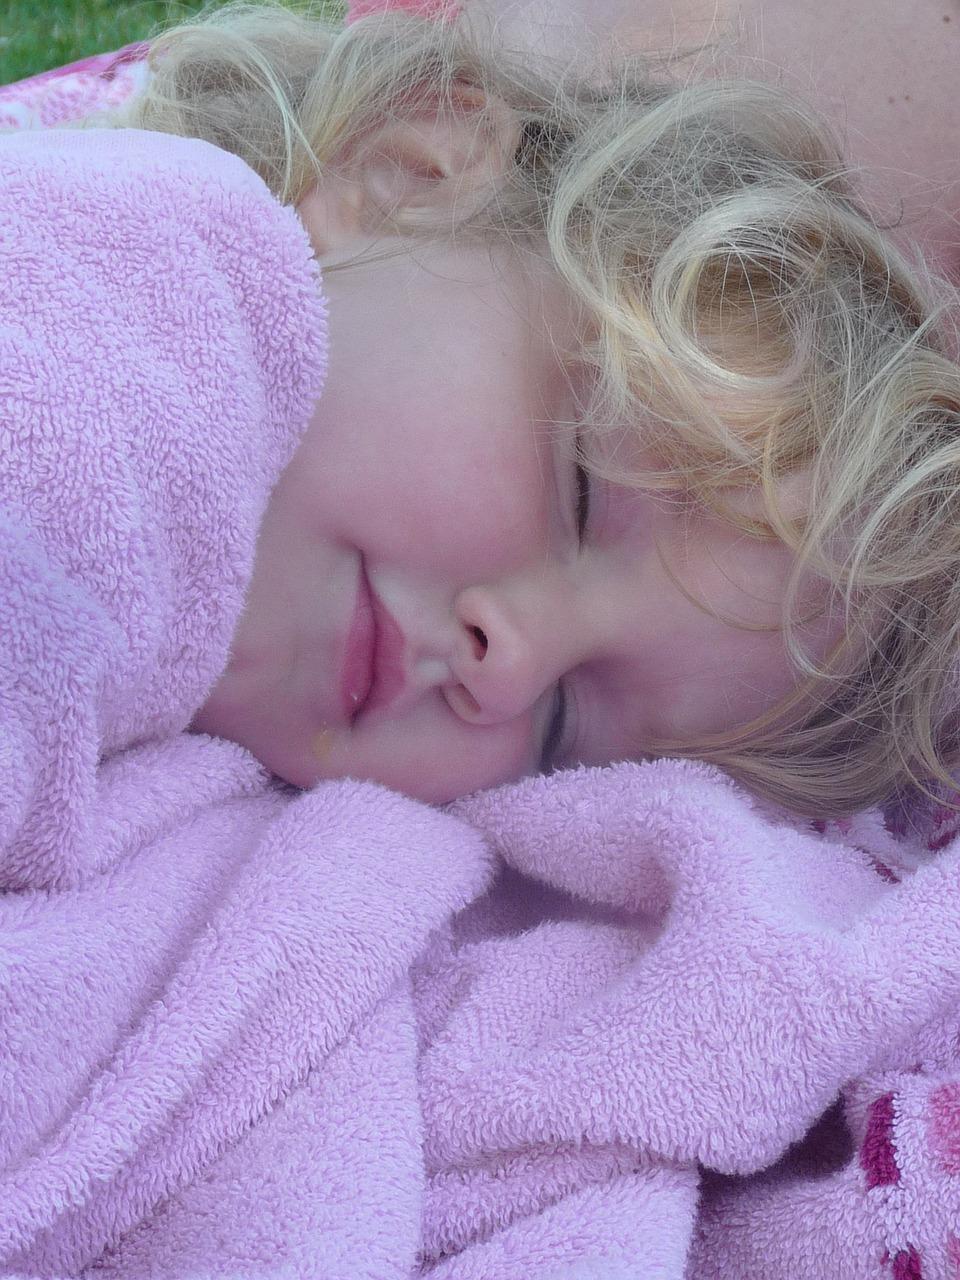 Moczenie nocne u chłopców – wstydliwy problem dzieci do wyleczenia